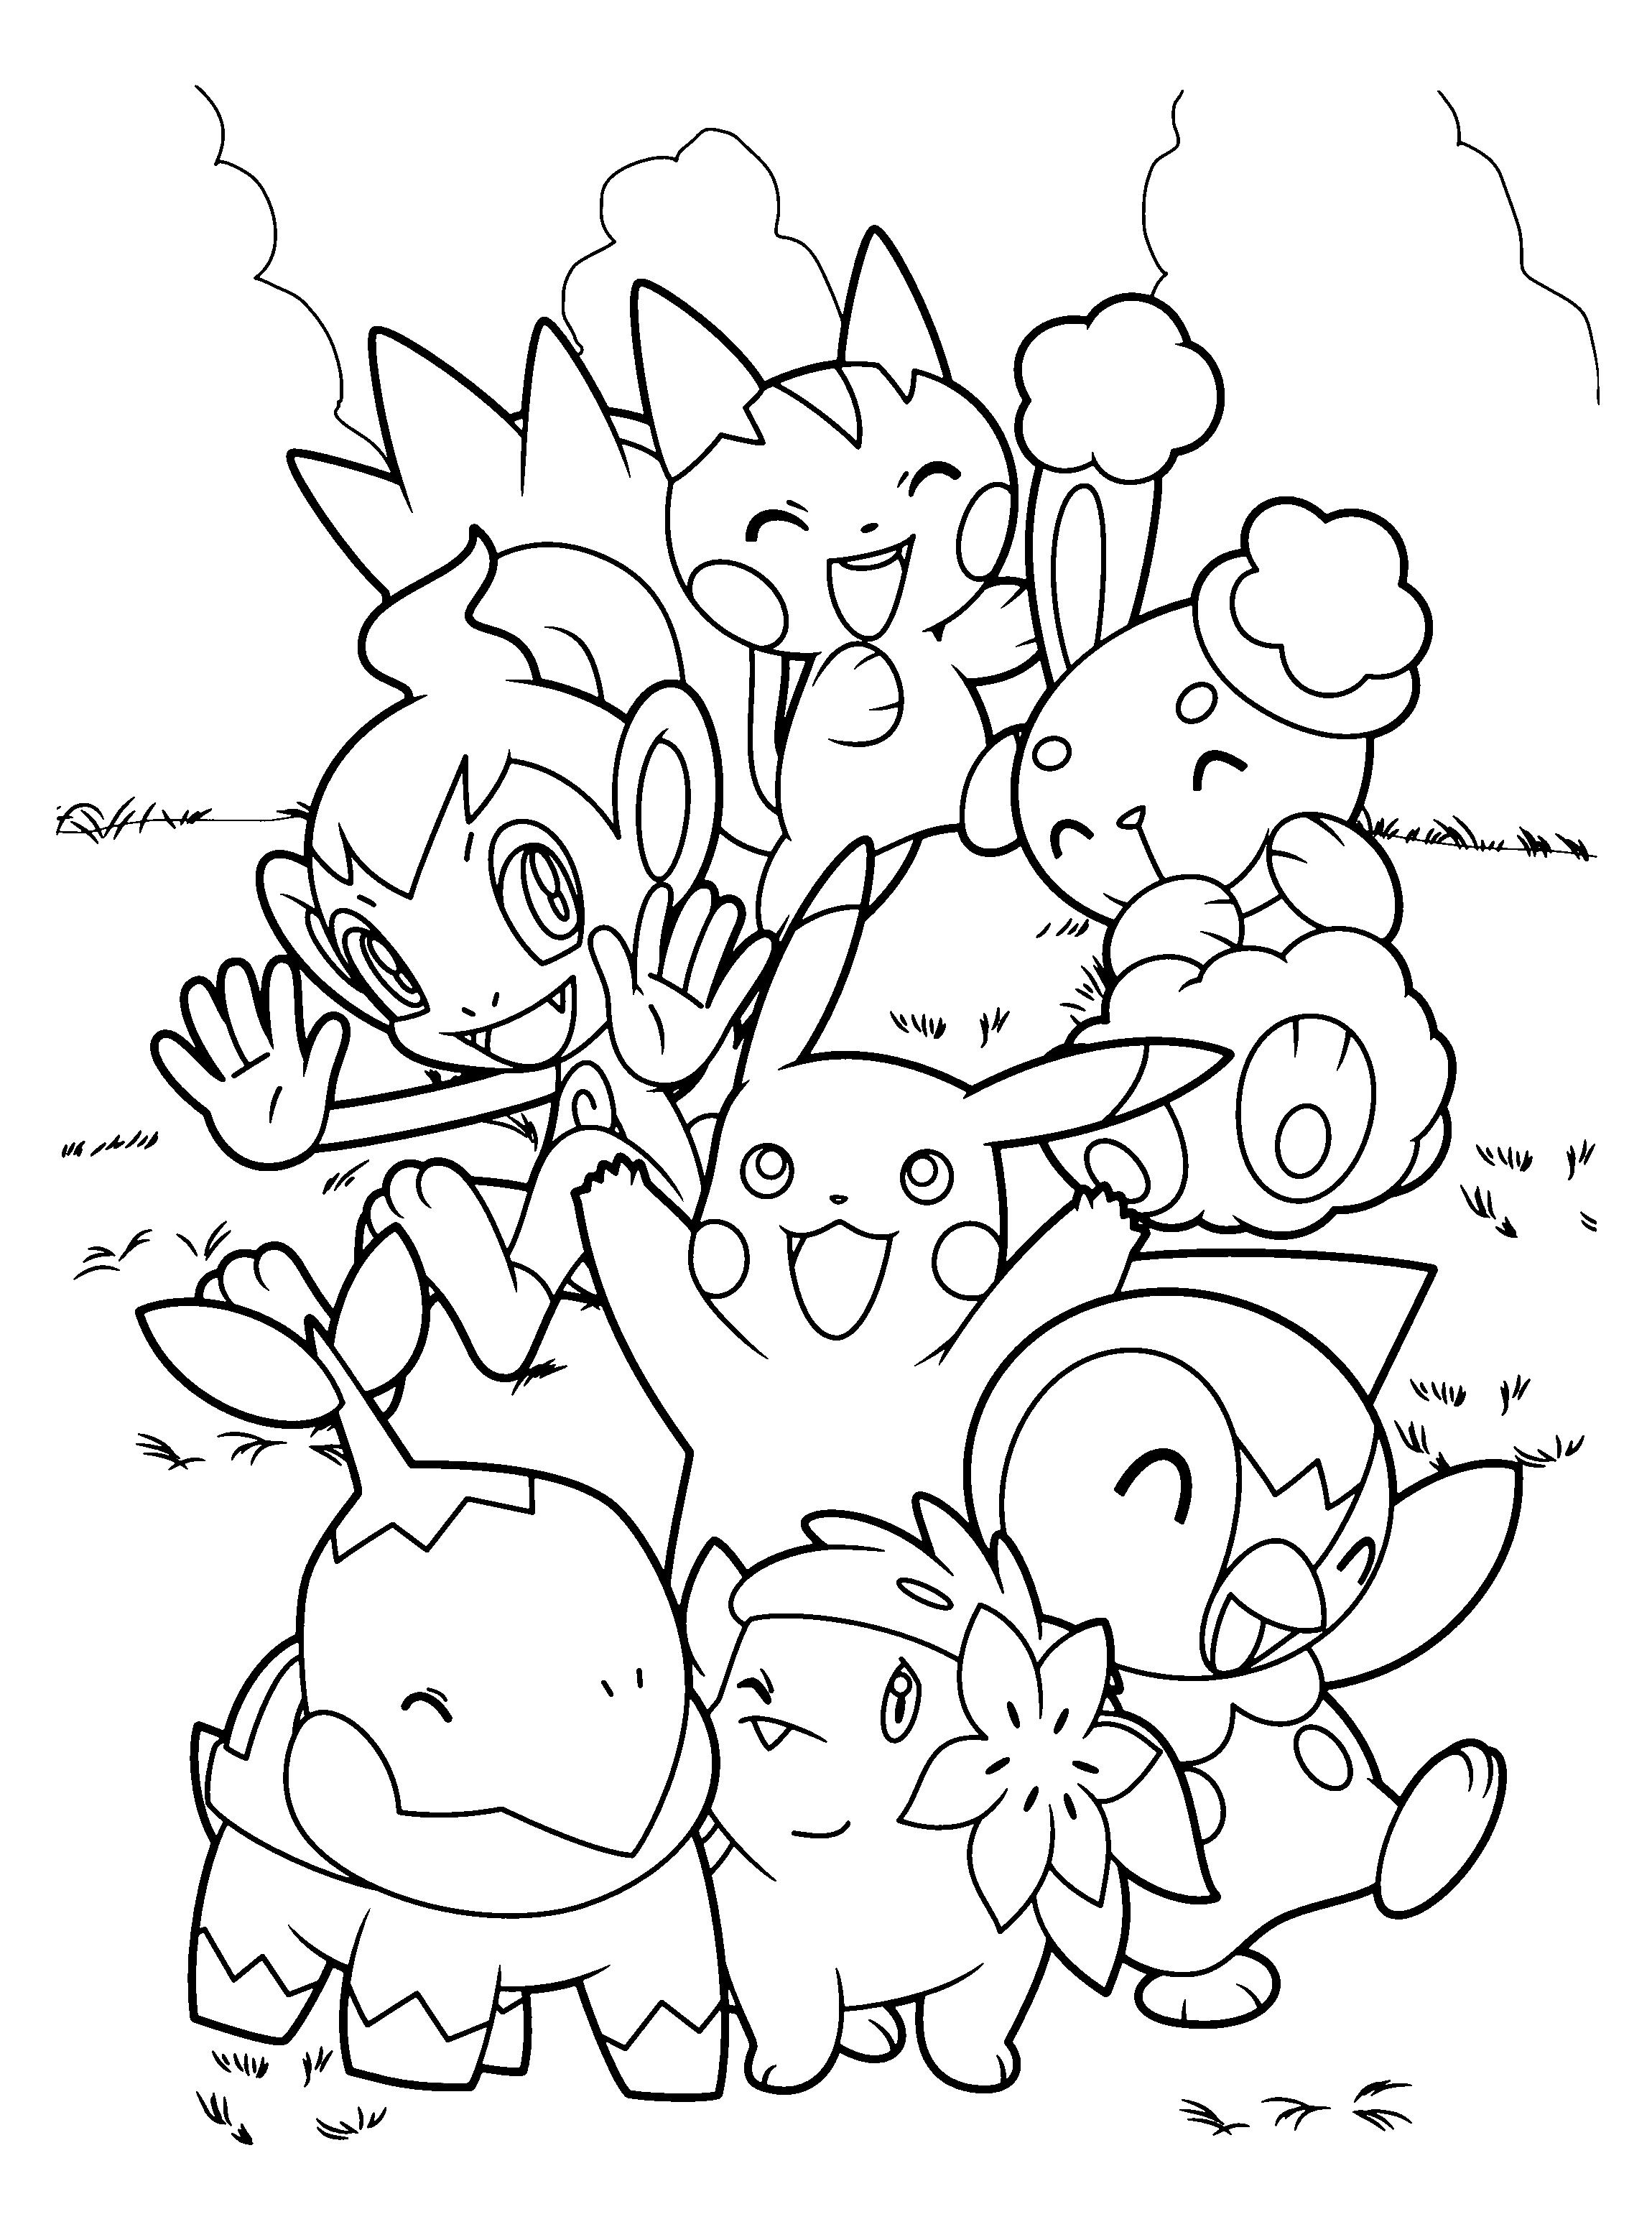 rsultat de recherche dimages pour imprimer coloriage pokemon - Pokemon Coloriage Imprimer